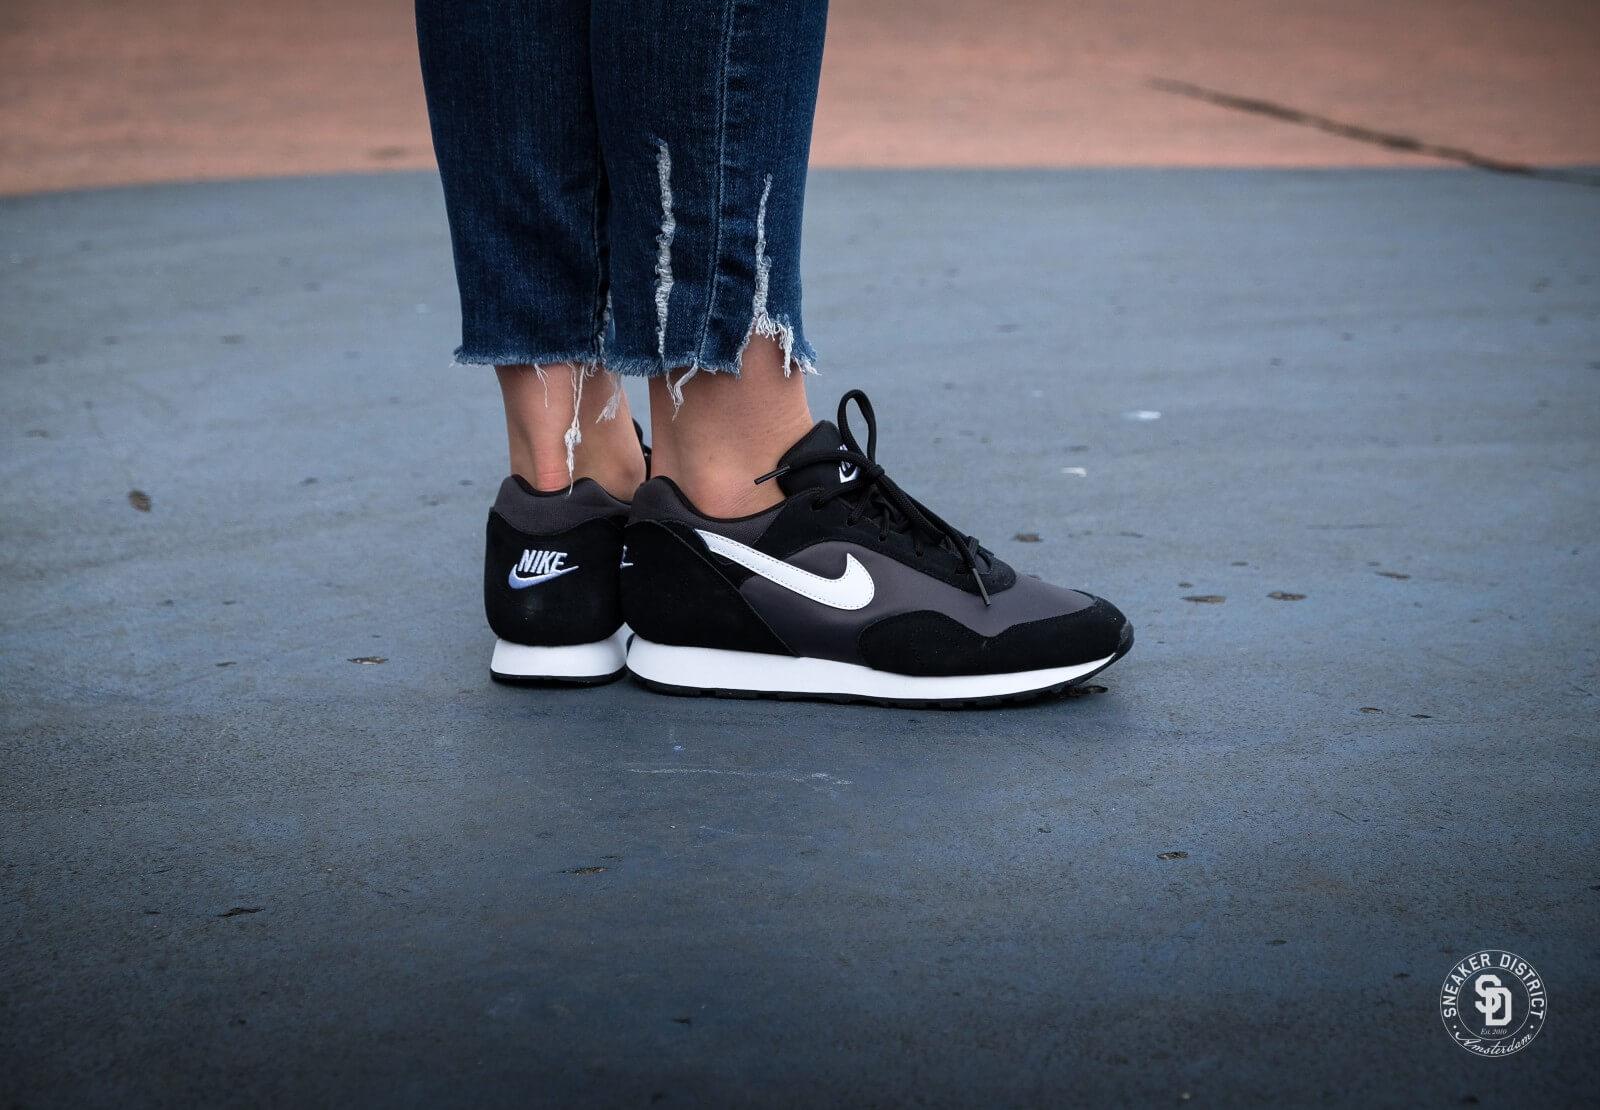 buy online e5df7 d62b9 Nike Womens Outburst Black-White-Anthracite-1600.jpg